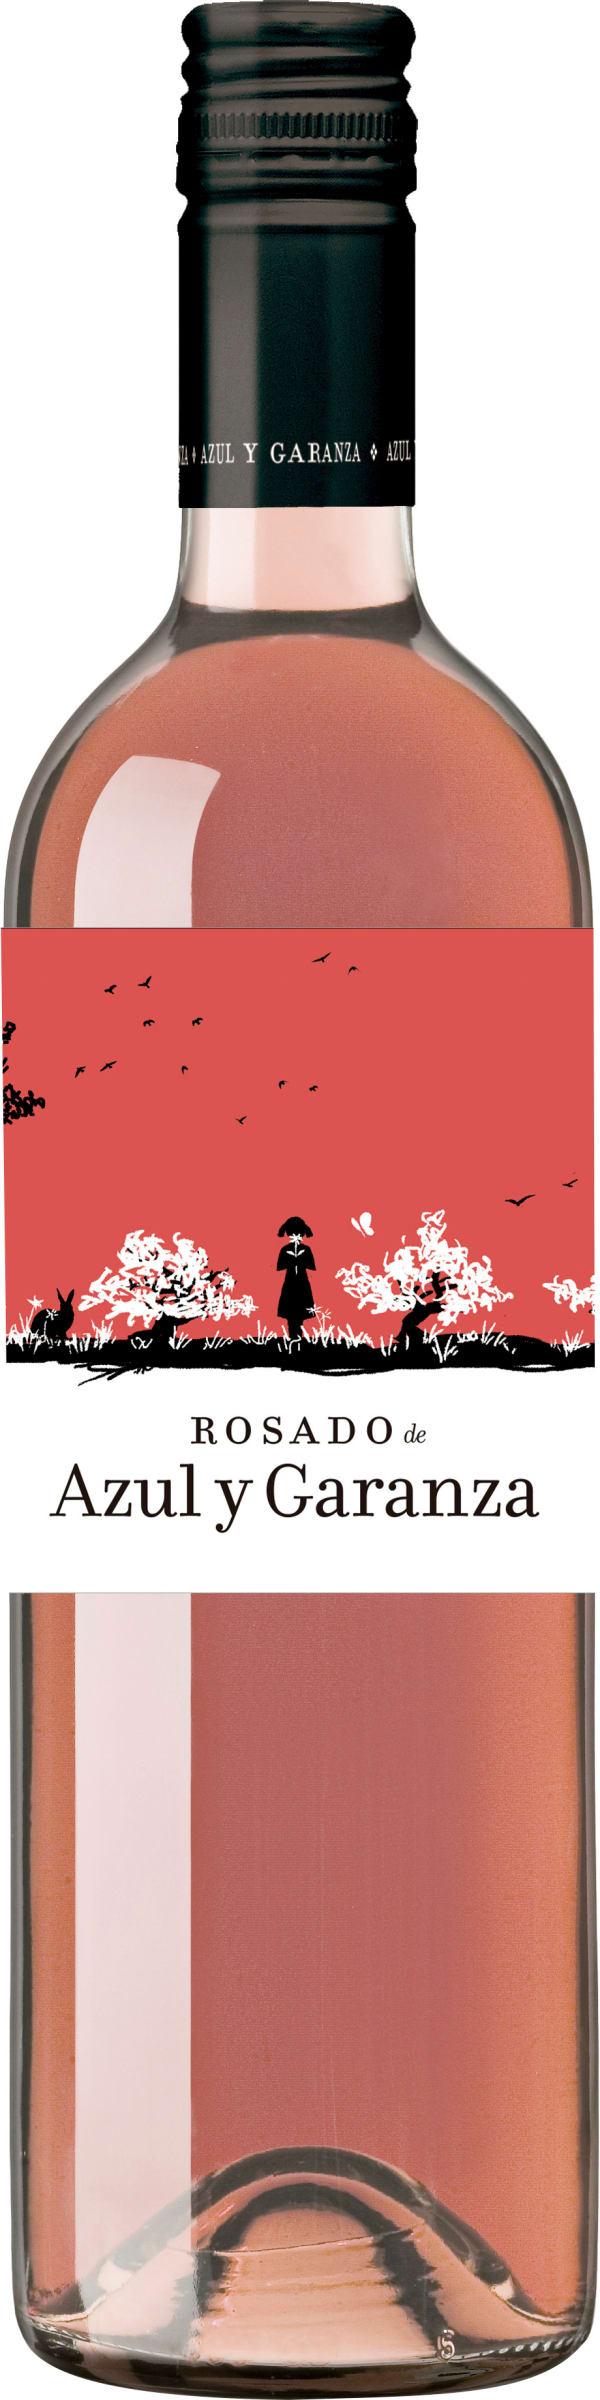 Rosado de Azul y Garanza  2018